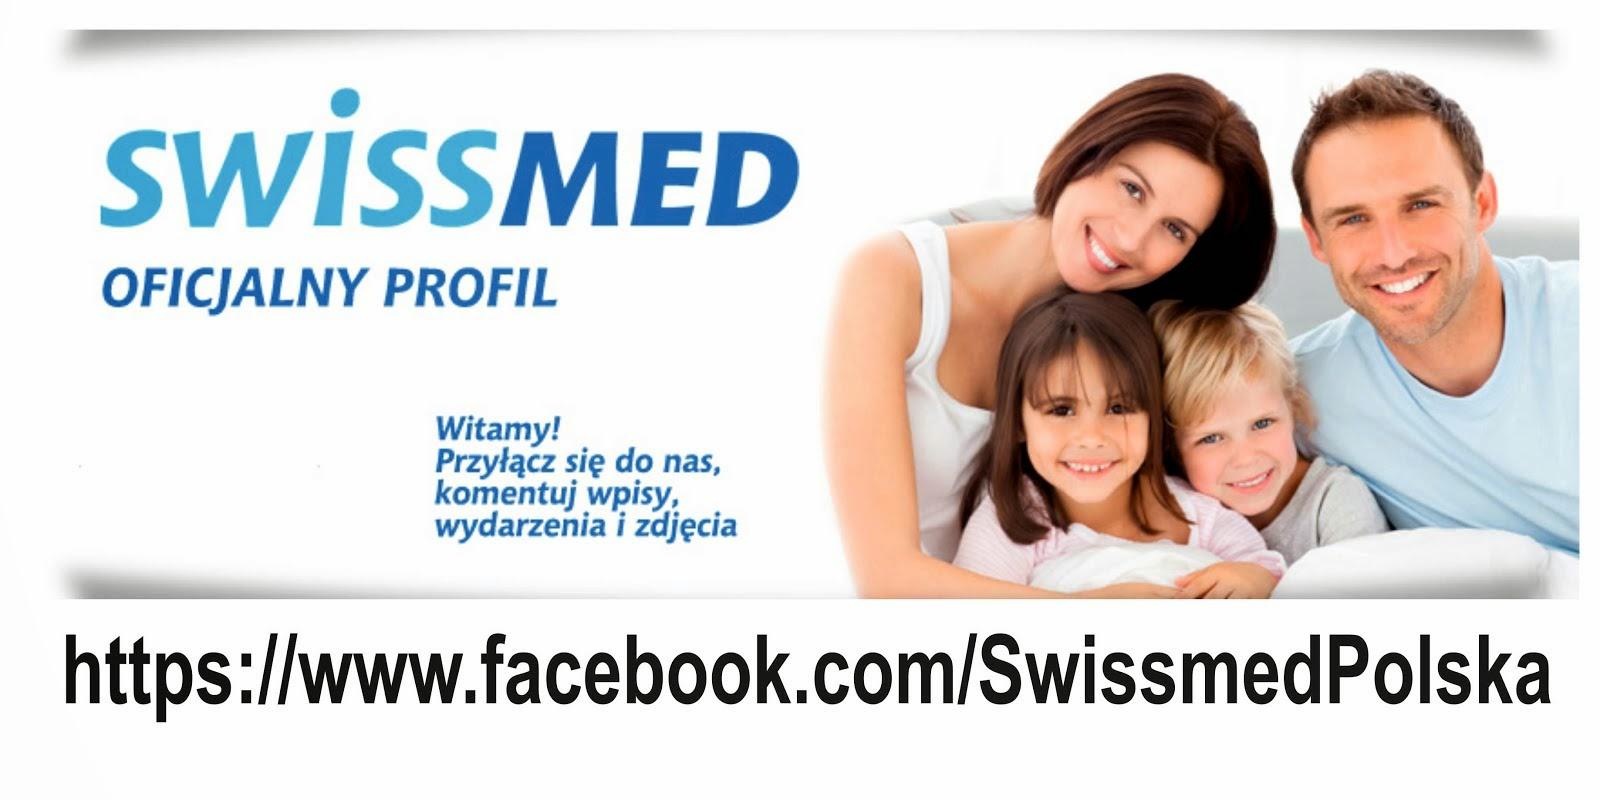 facebook/SwissmedPolska